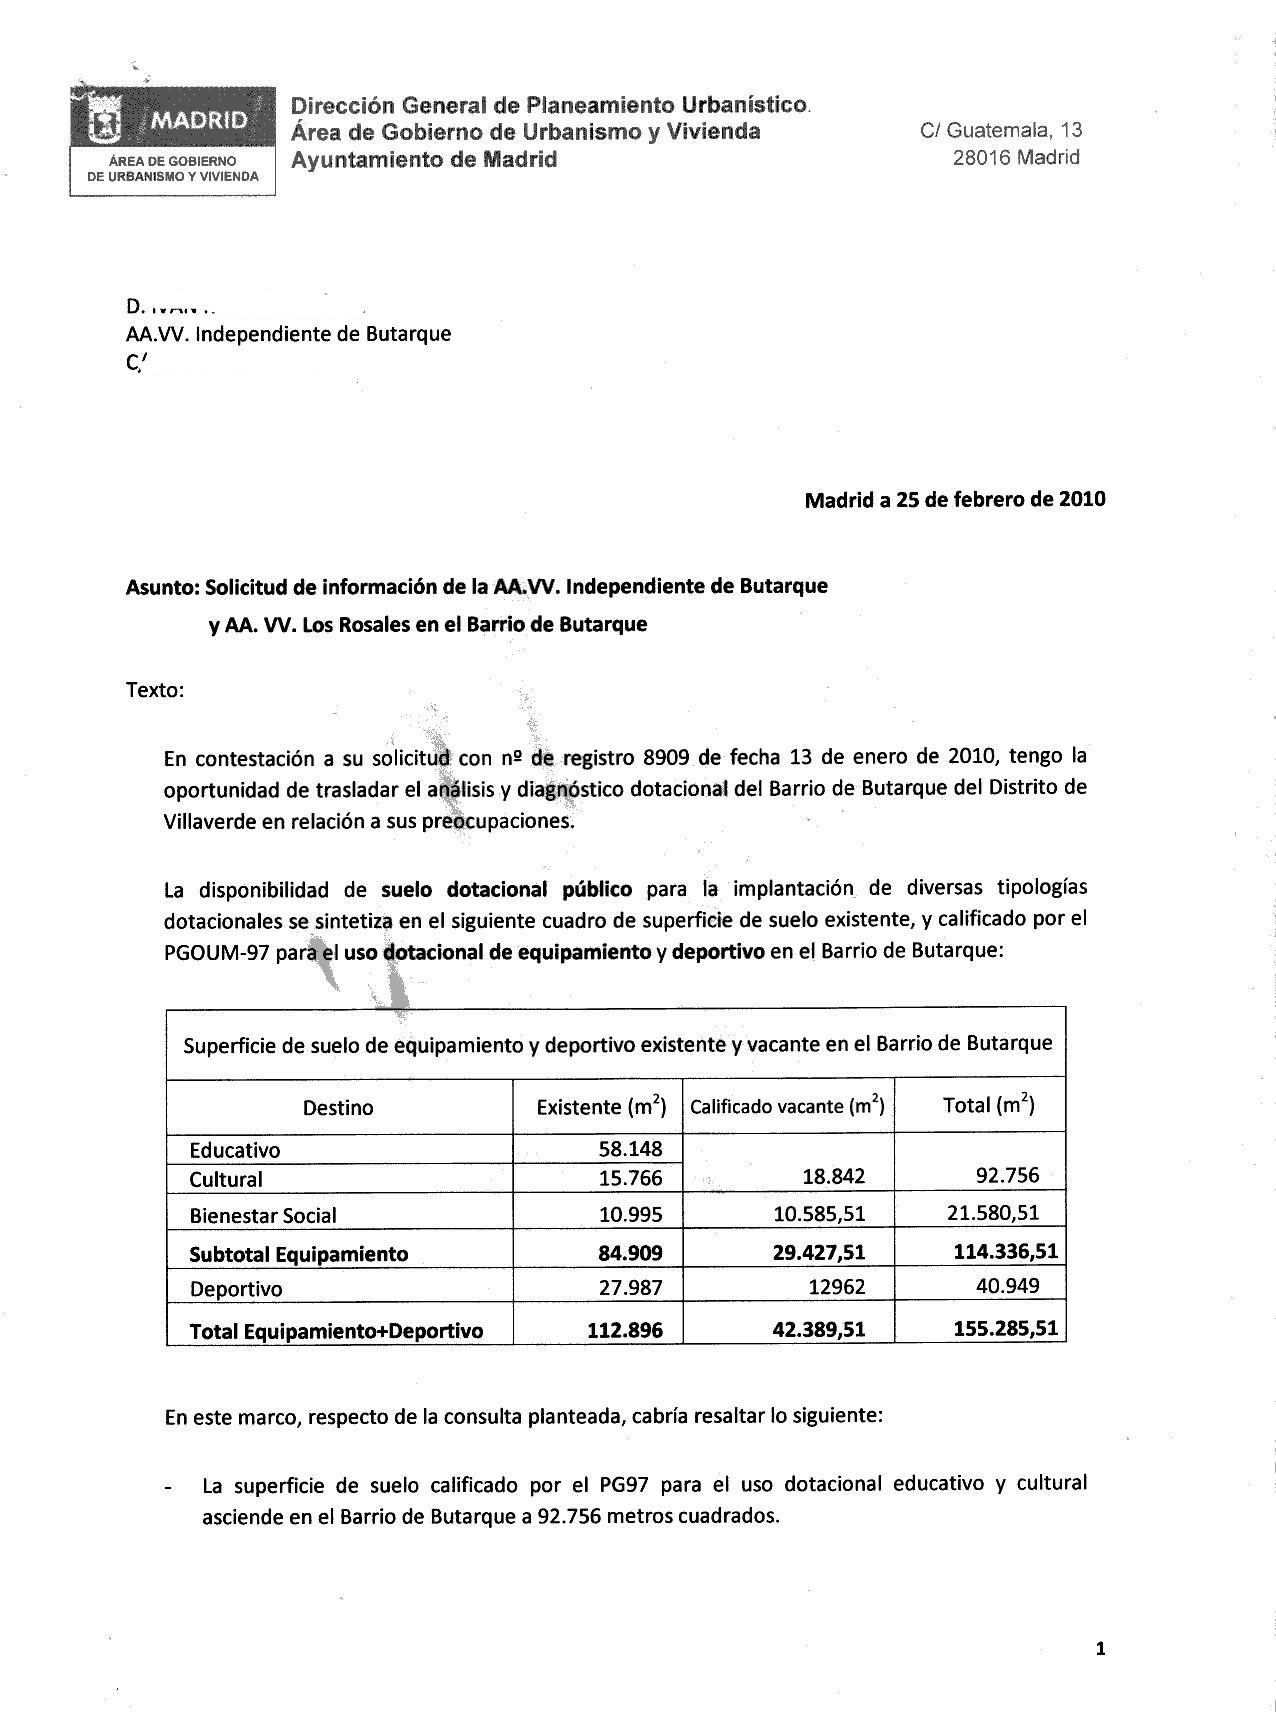 Respuesta_solicitud_Dotaciones_barrio_de_butarque.jpg